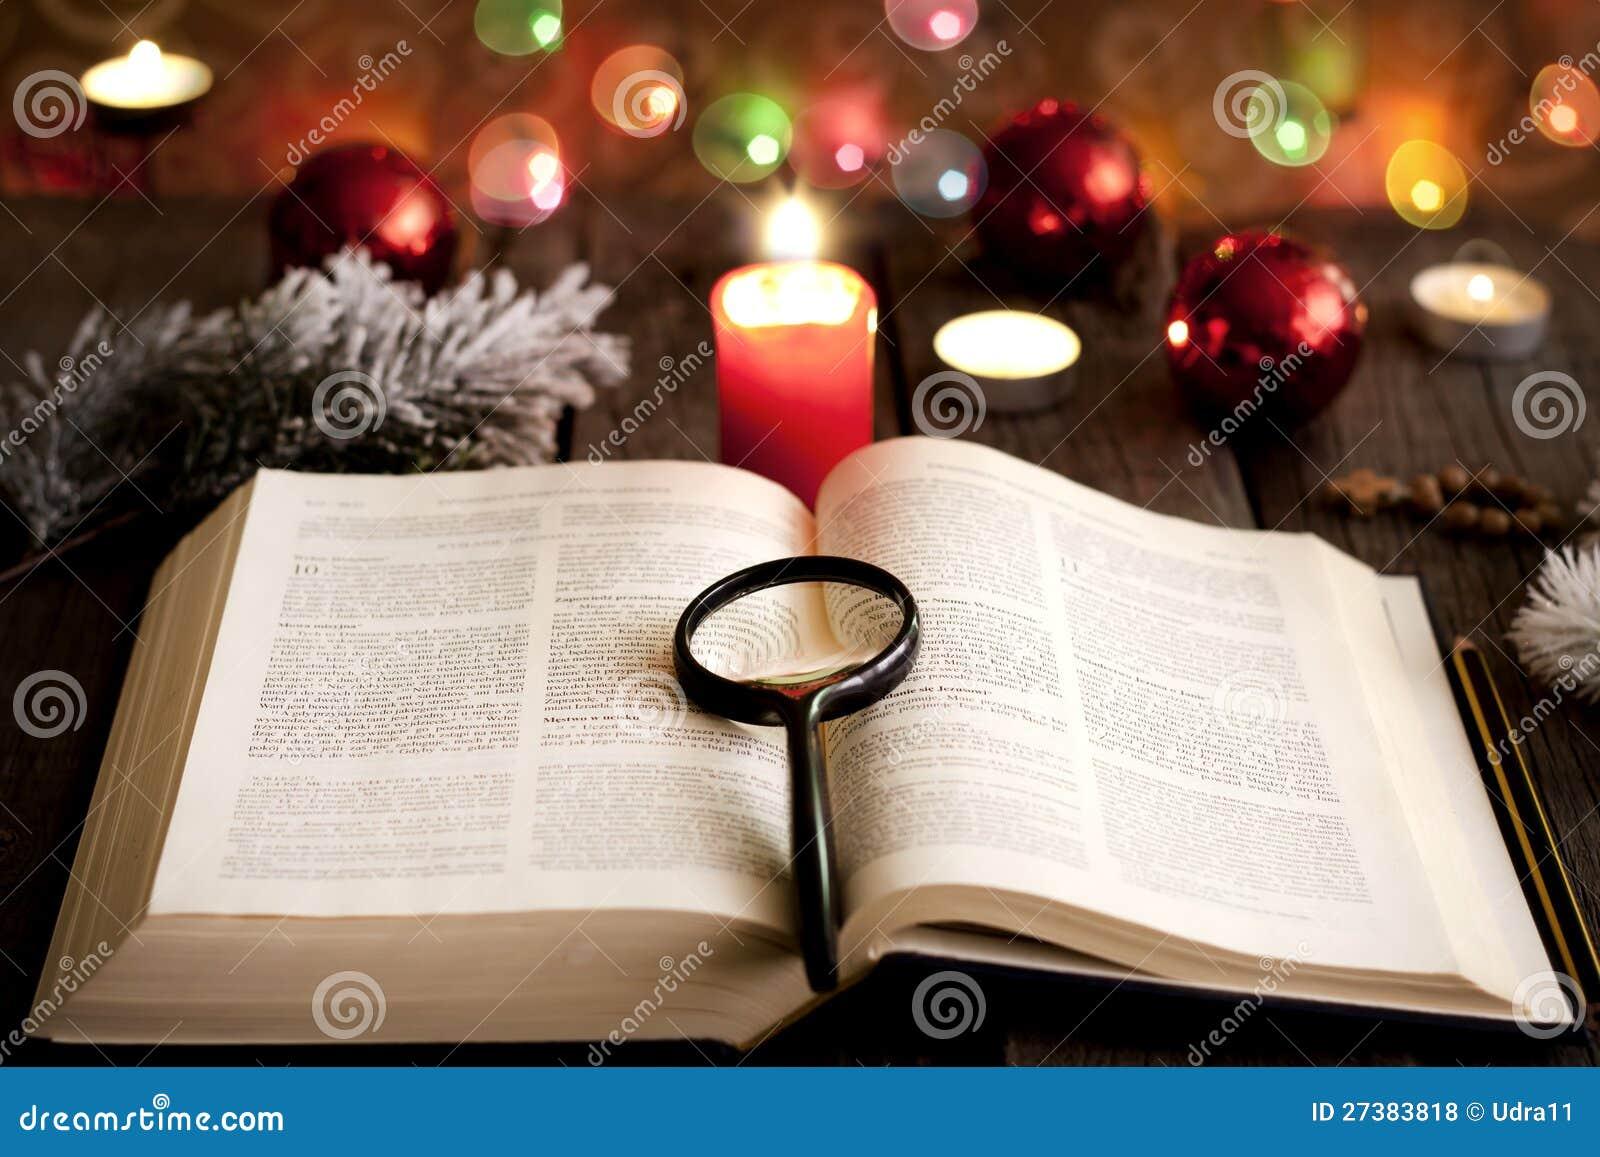 weihnachten und bibel stockfoto bild von buch suche